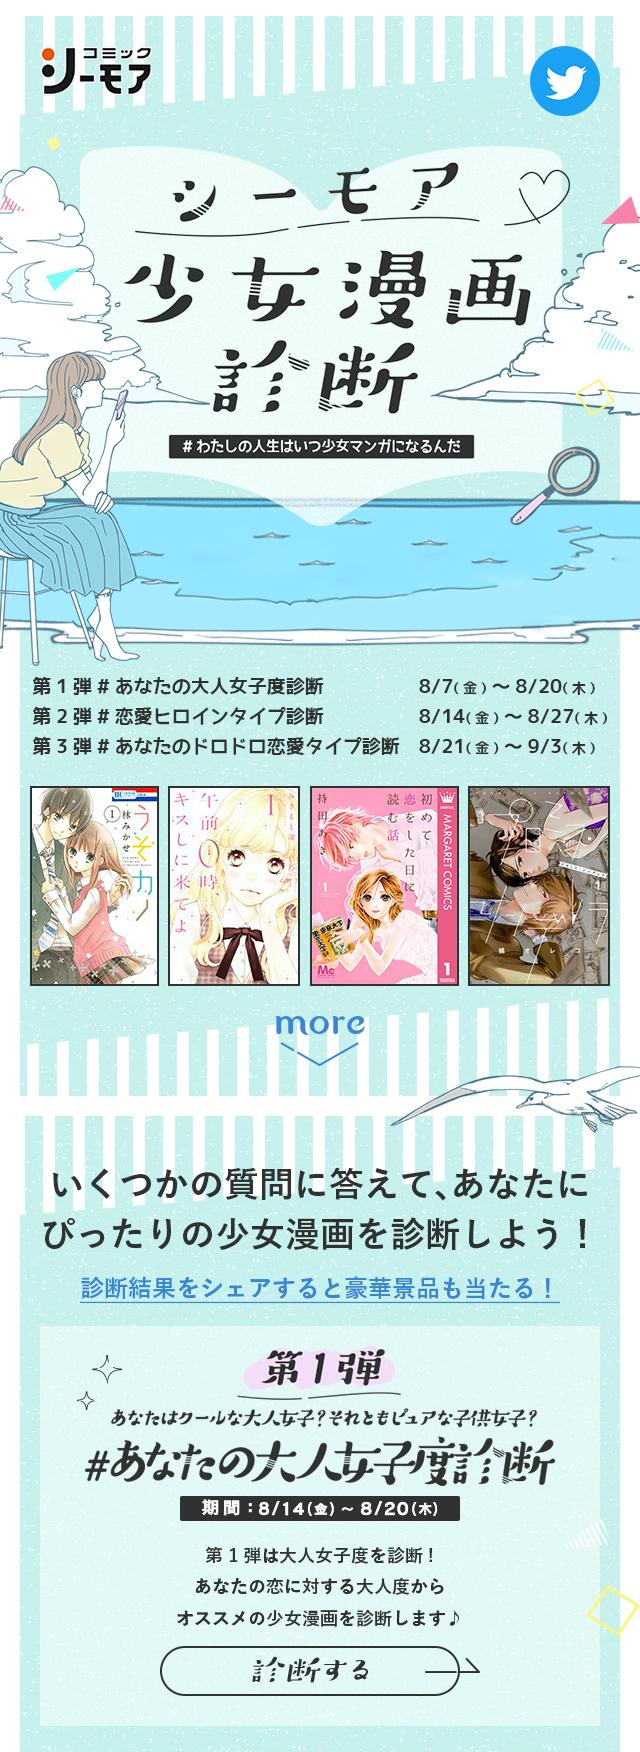 コミック 無料 シーモア 漫画 恋愛